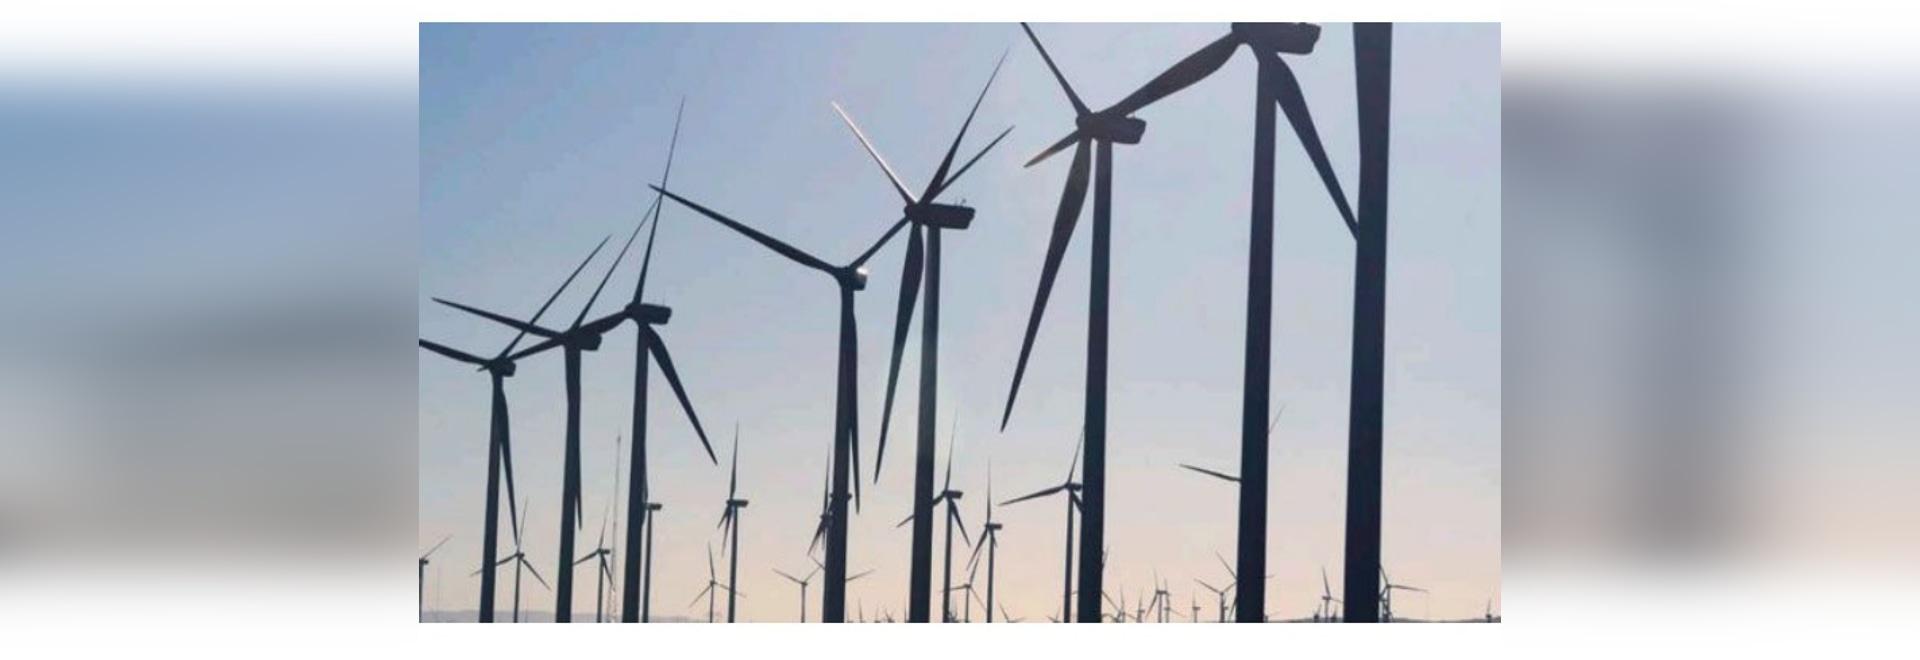 Soluzioni composite per l'industria dell'energia eolica